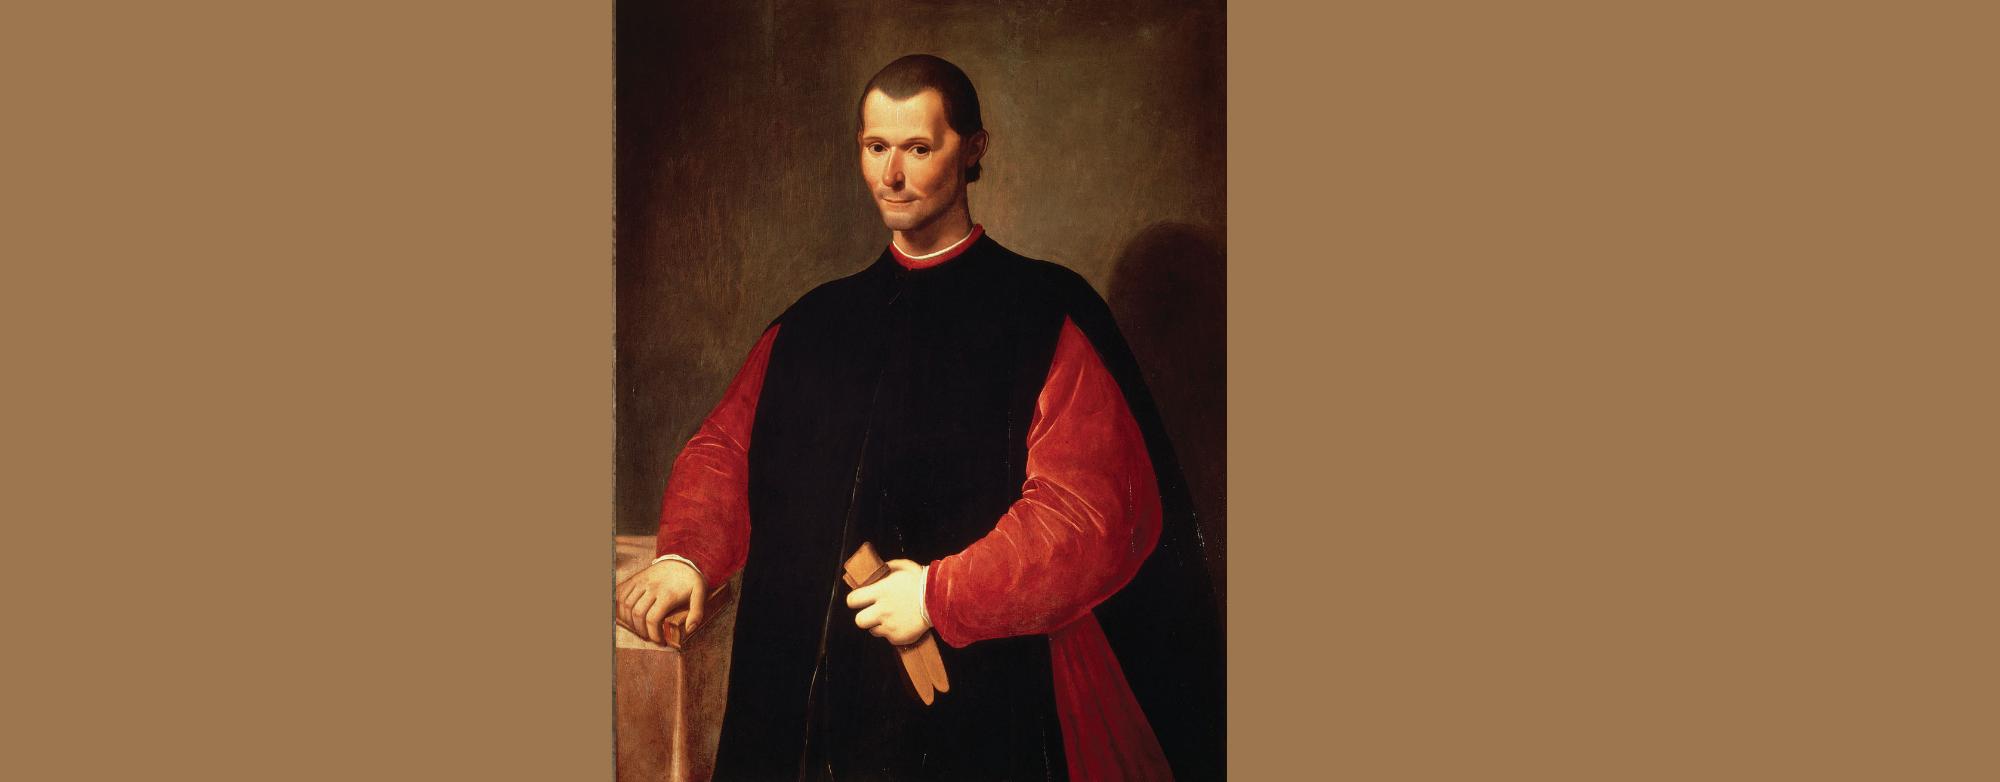 Machiavel, l'expérience, la politique et le peuple (vidéoconférence, les 25-26 mars 2021)